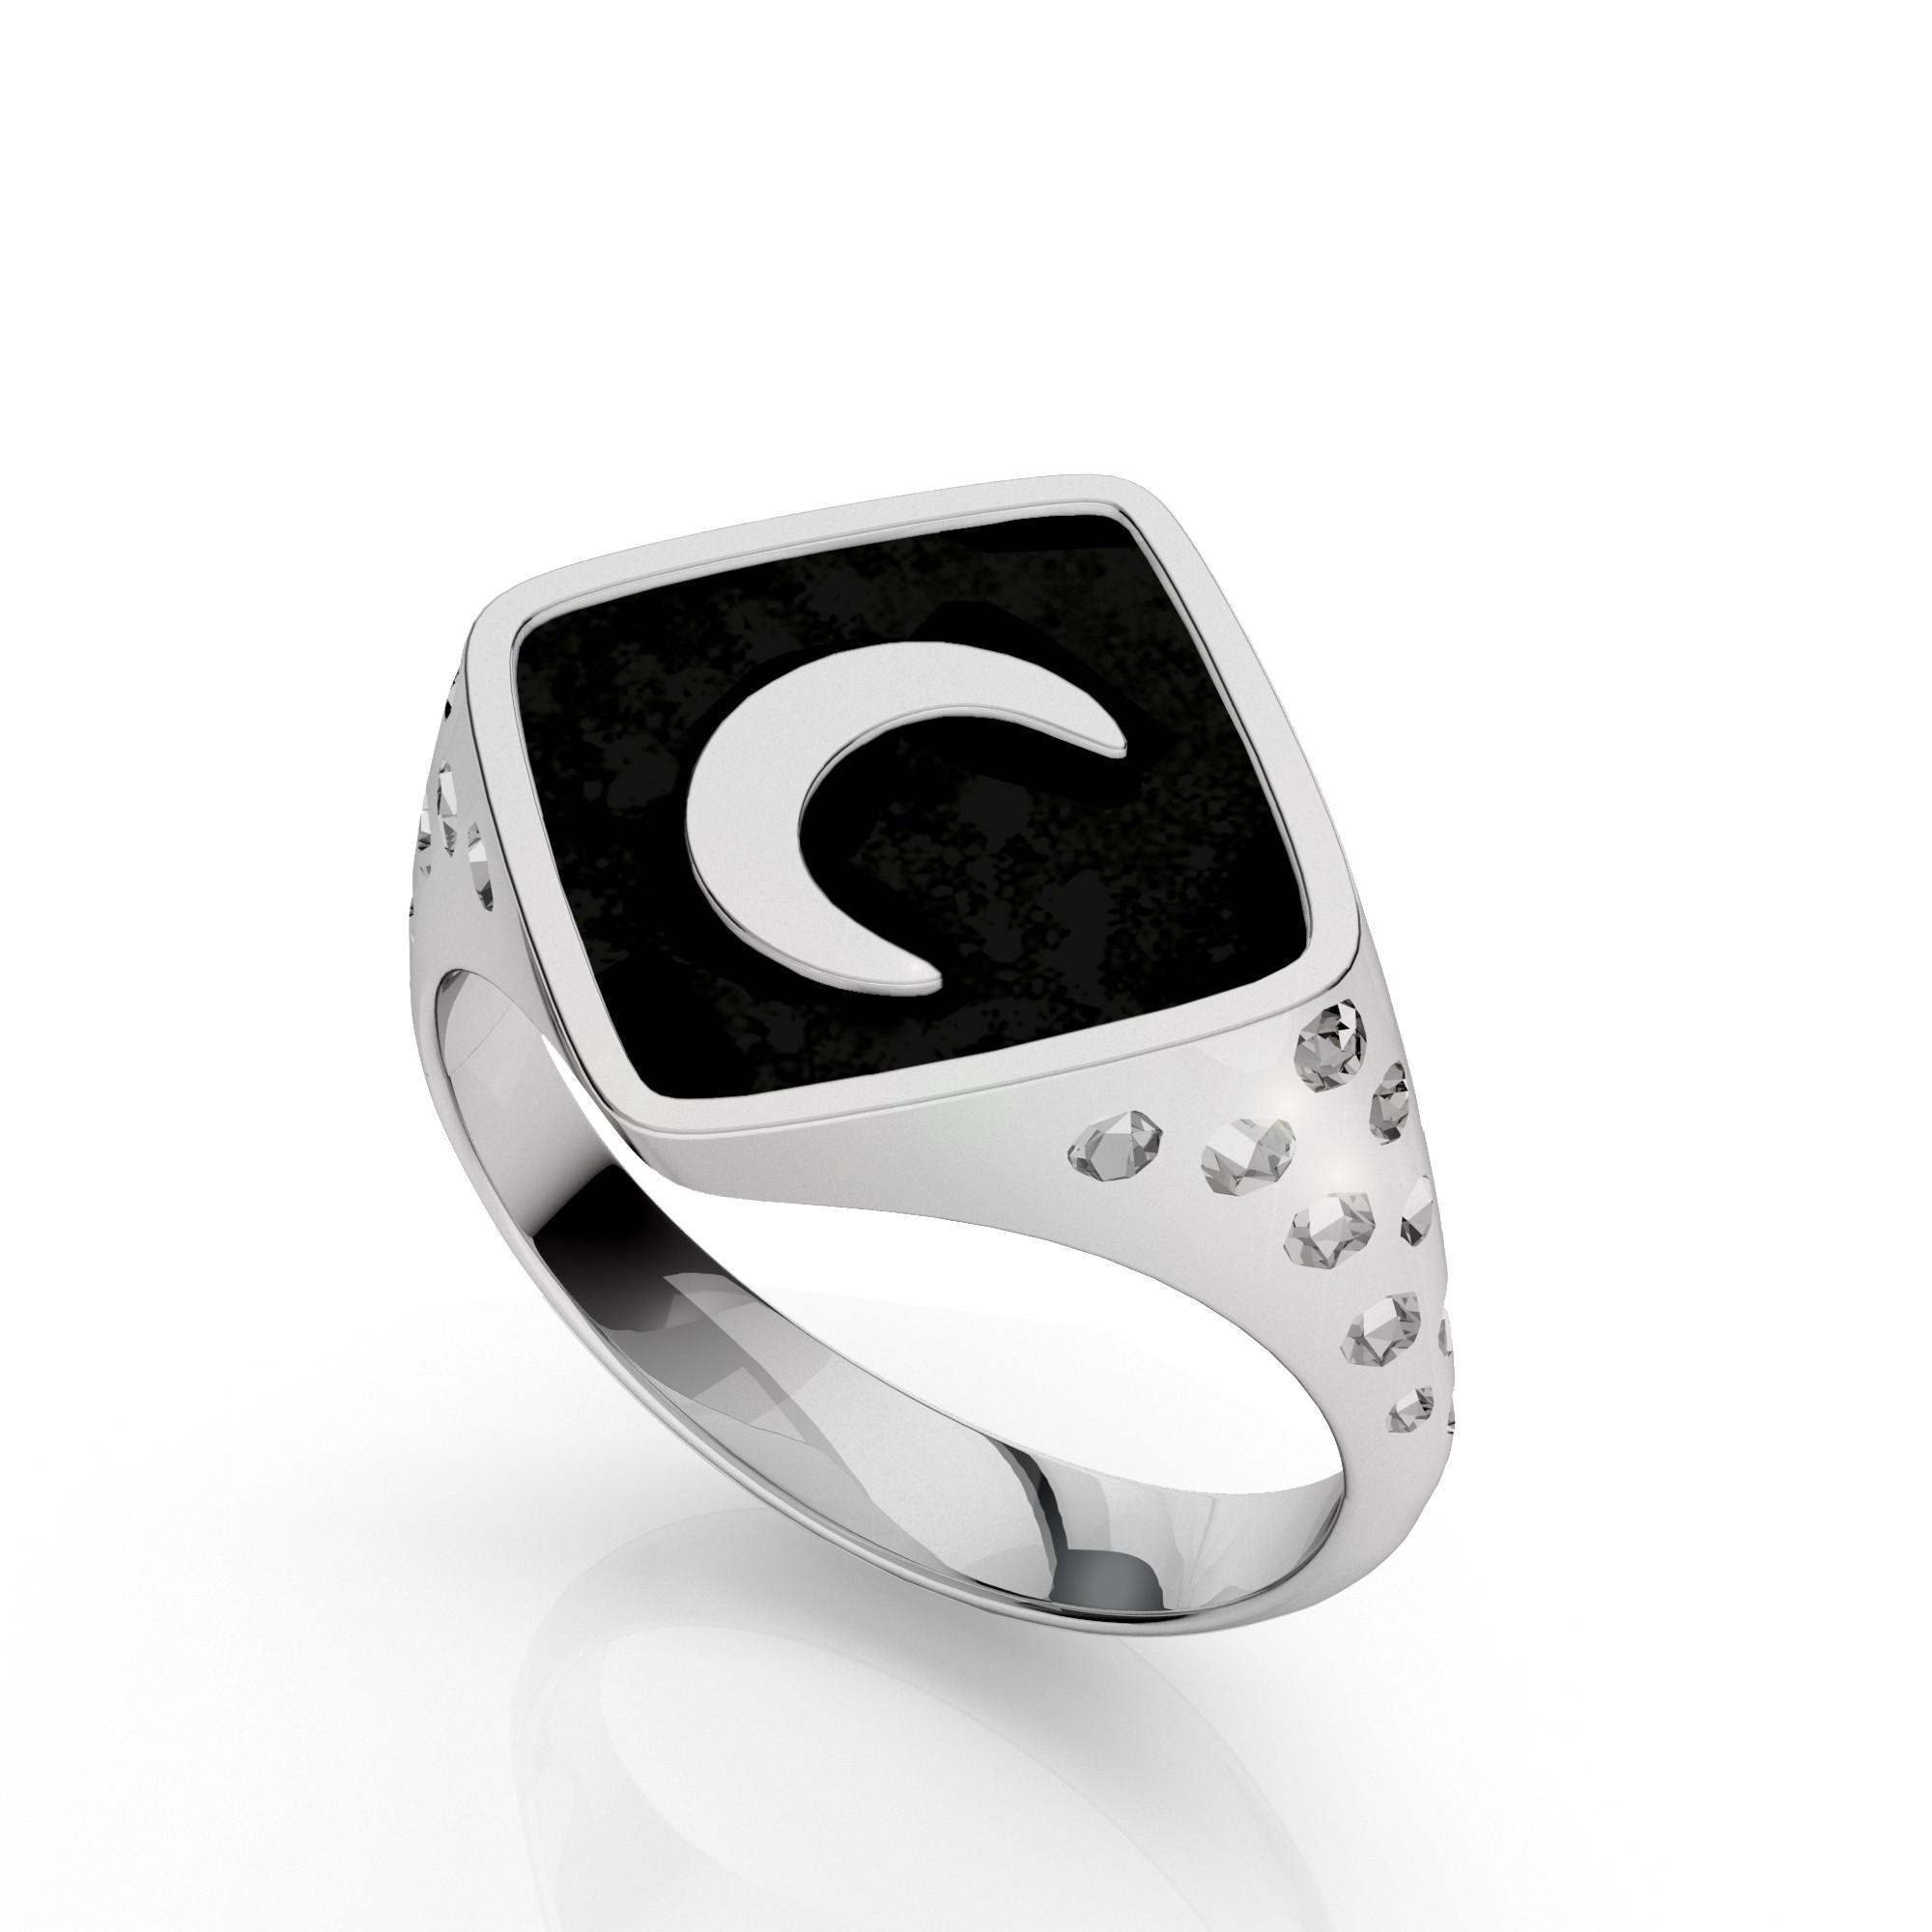 Srebrny sygnet księżyc, MON DÉFI, srebro 925